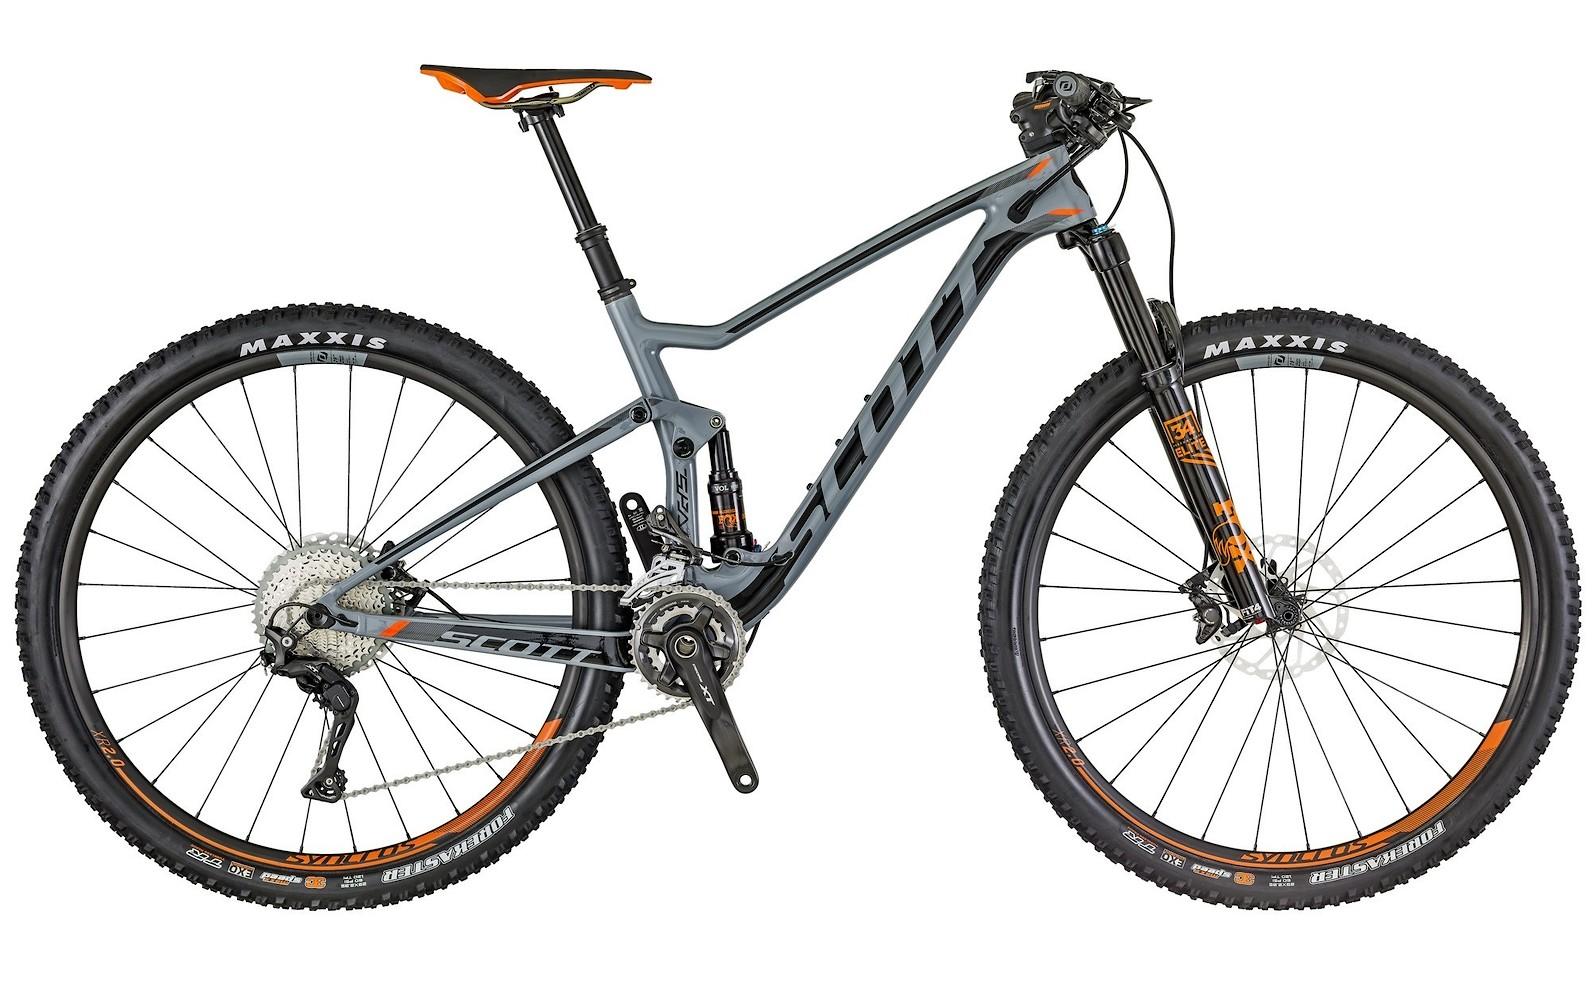 48843449f70 2018 Scott Spark 910 Bike - Reviews, Comparisons, Specs - Mountain ...